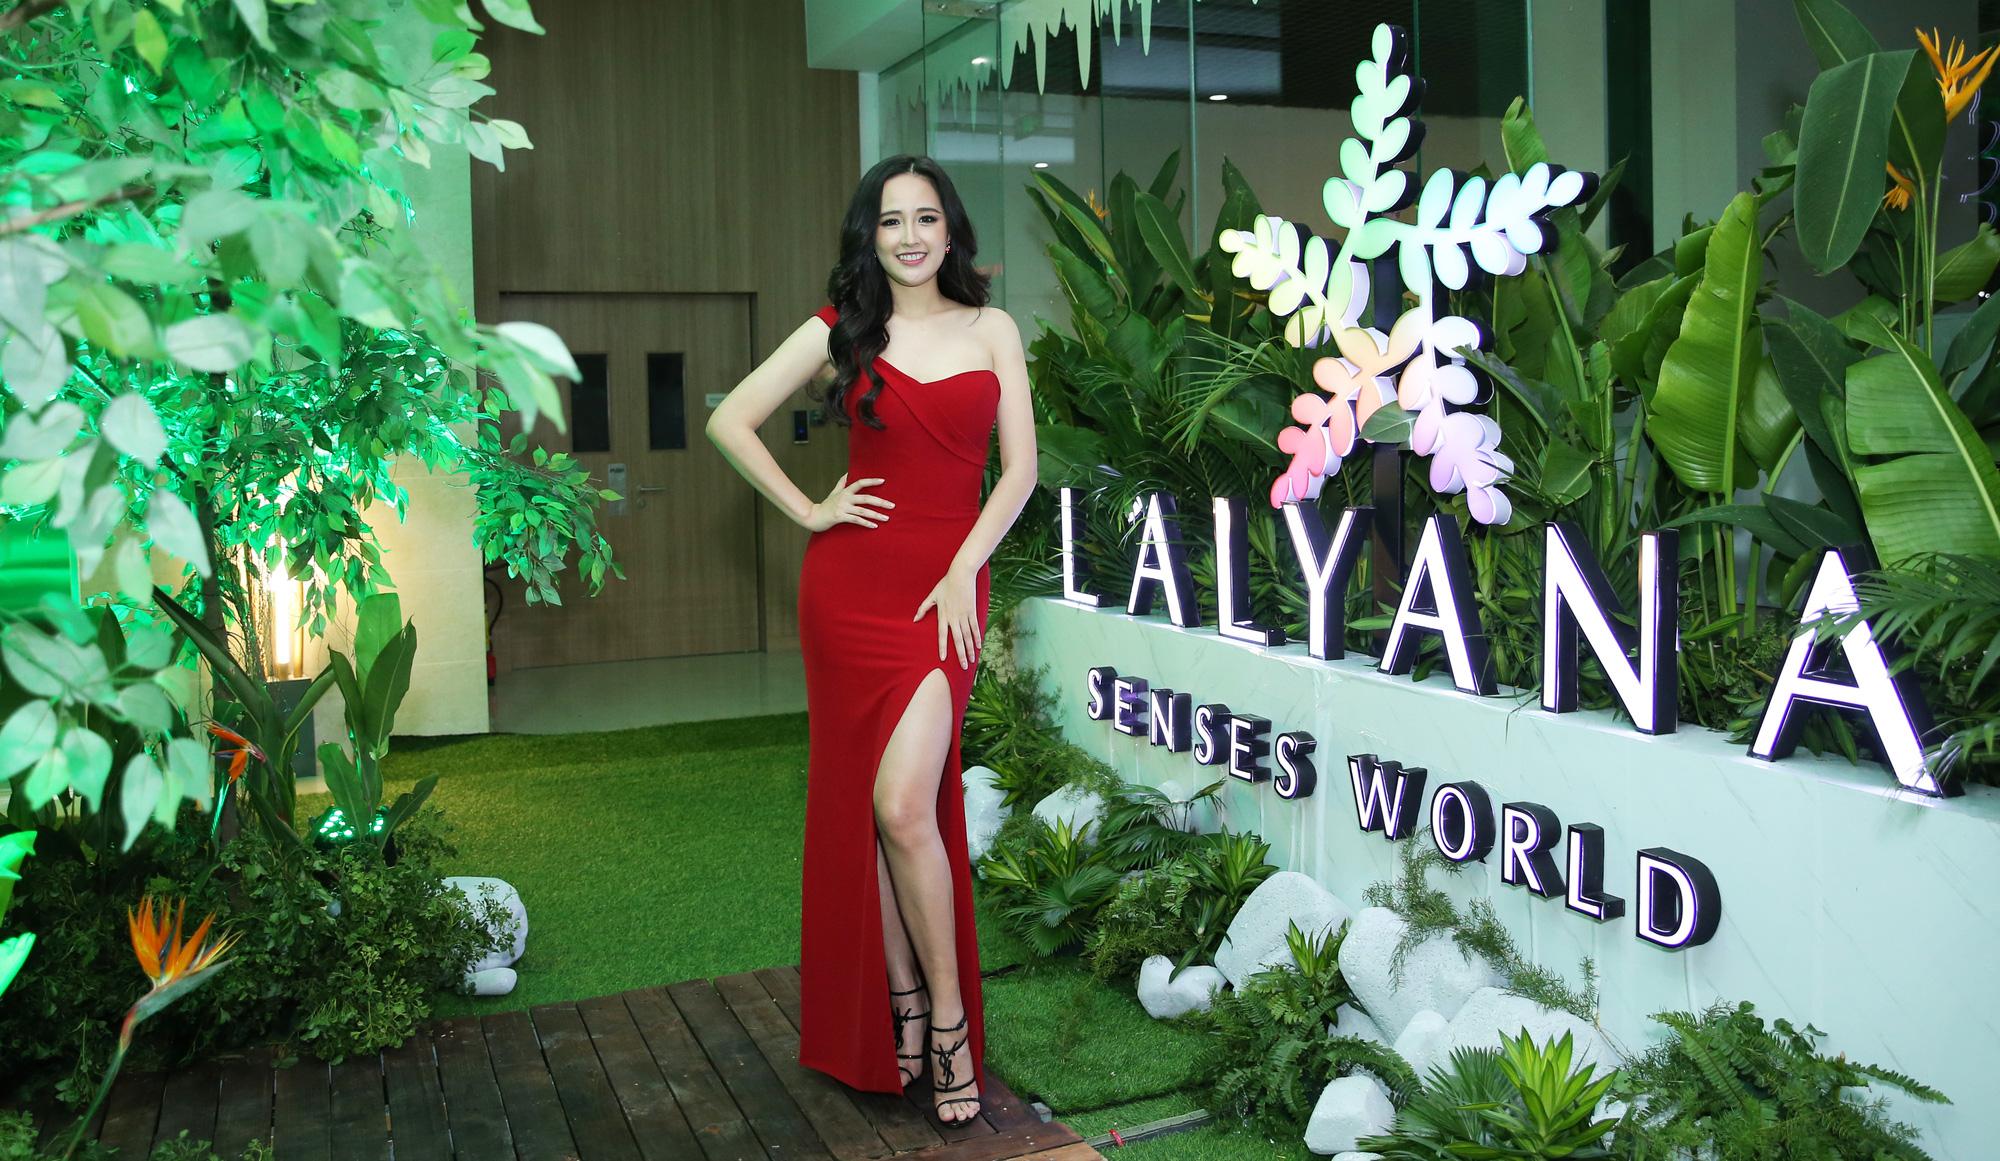 Lalyana Senses World:  Đánh thức ngũ quan, tìm lại bản nguyên cuộc sống - Ảnh 1.